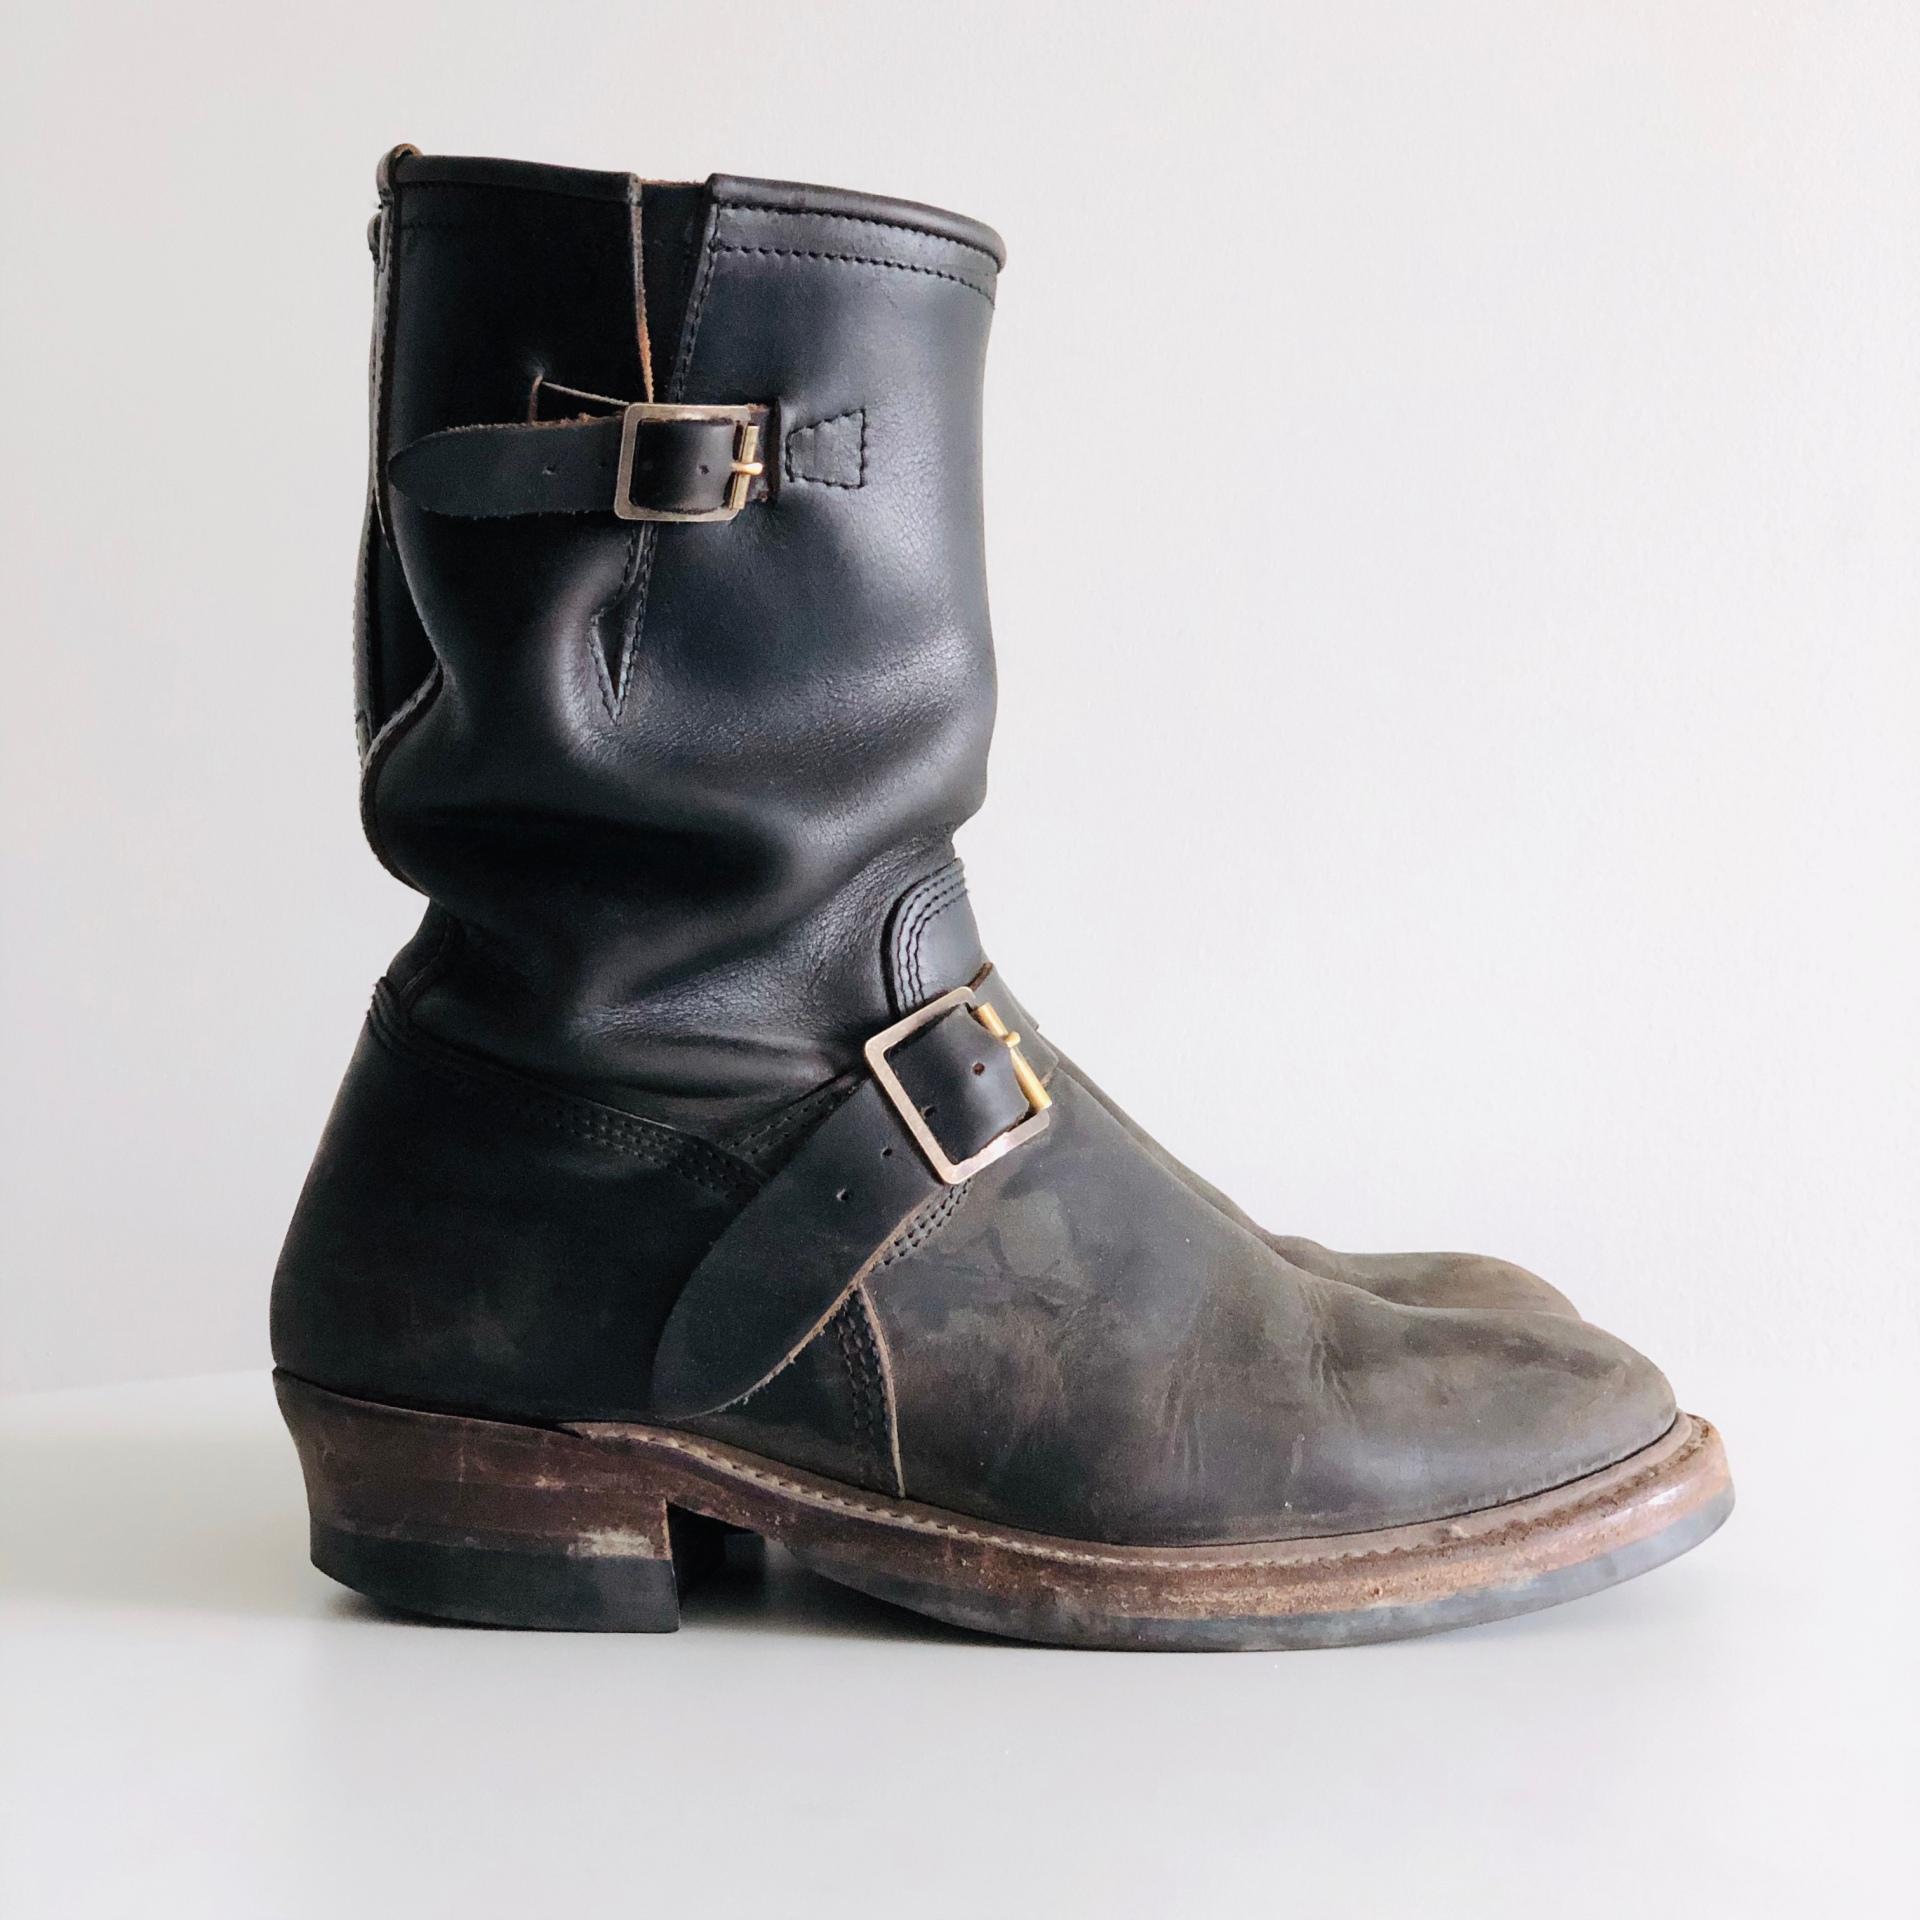 John Lofgren Egineer boots